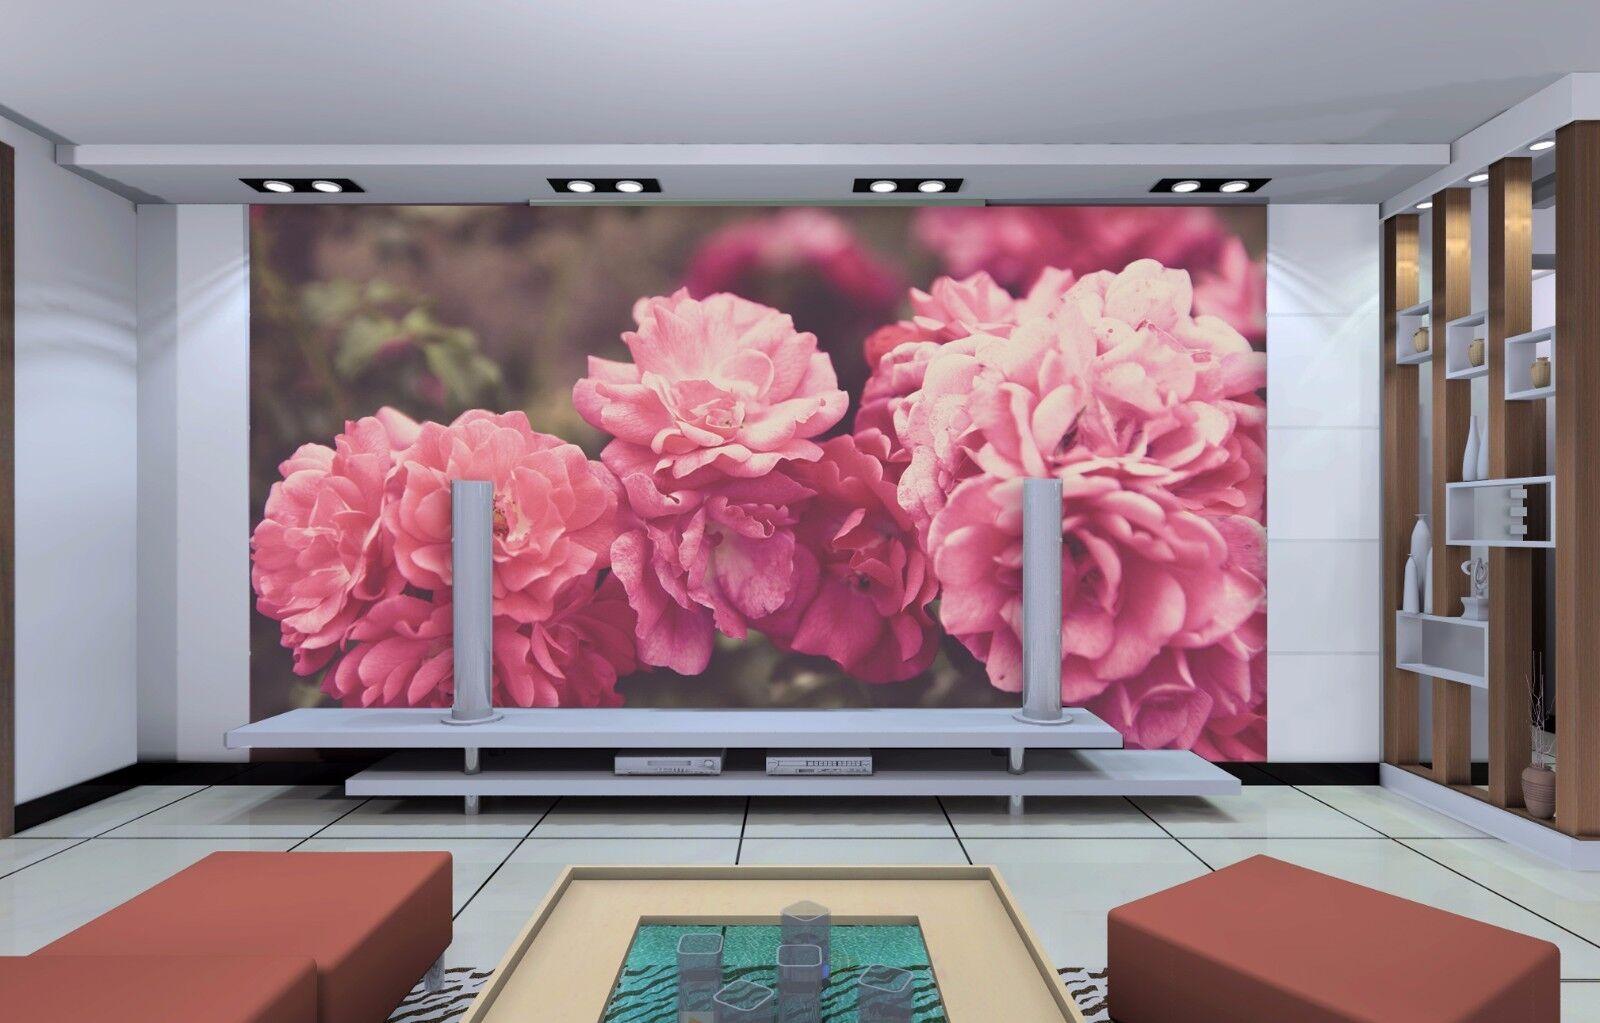 3D Pink Petals 445 Wallpaper Murals Wall Print Wallpaper Mural AJ WALL UK Summer